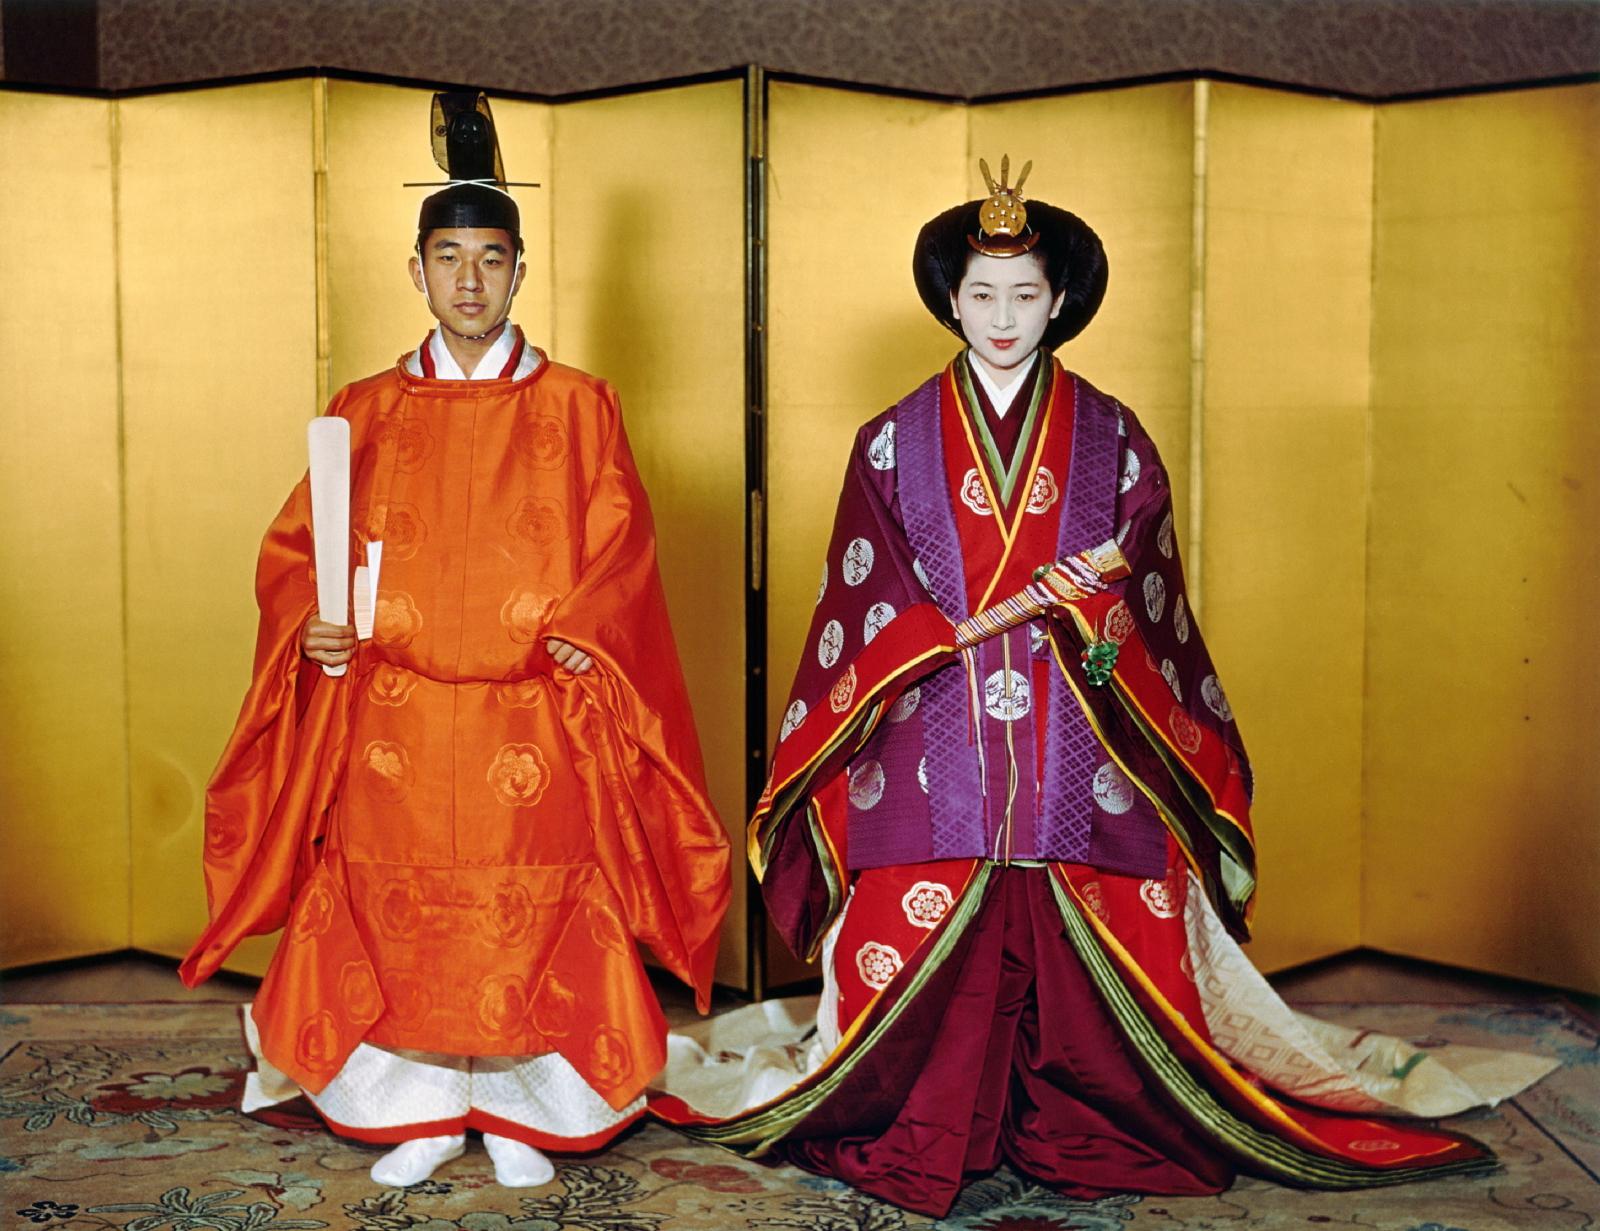 Ślubne zdjęcie cesarza Japonii Akihito wykonane 10 kwietnia 1959 roku. Cesarz Akihito abdykuje 30 kwietnia br. Fot. PAP/EPA/IMPERIAL HOUSEHOLD AGENCY